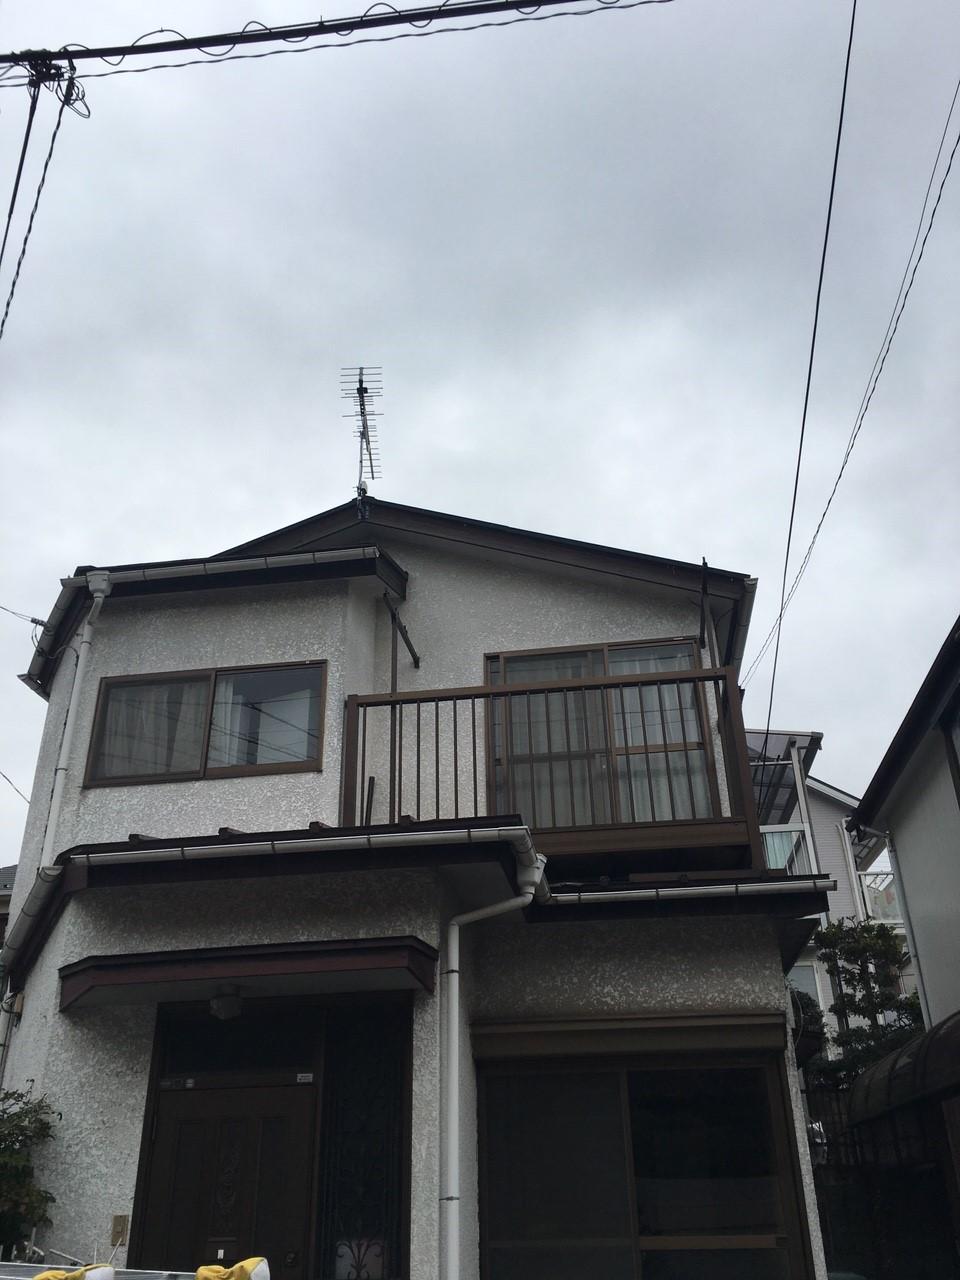 神奈川県川崎市の八木式アンテナ工事事例